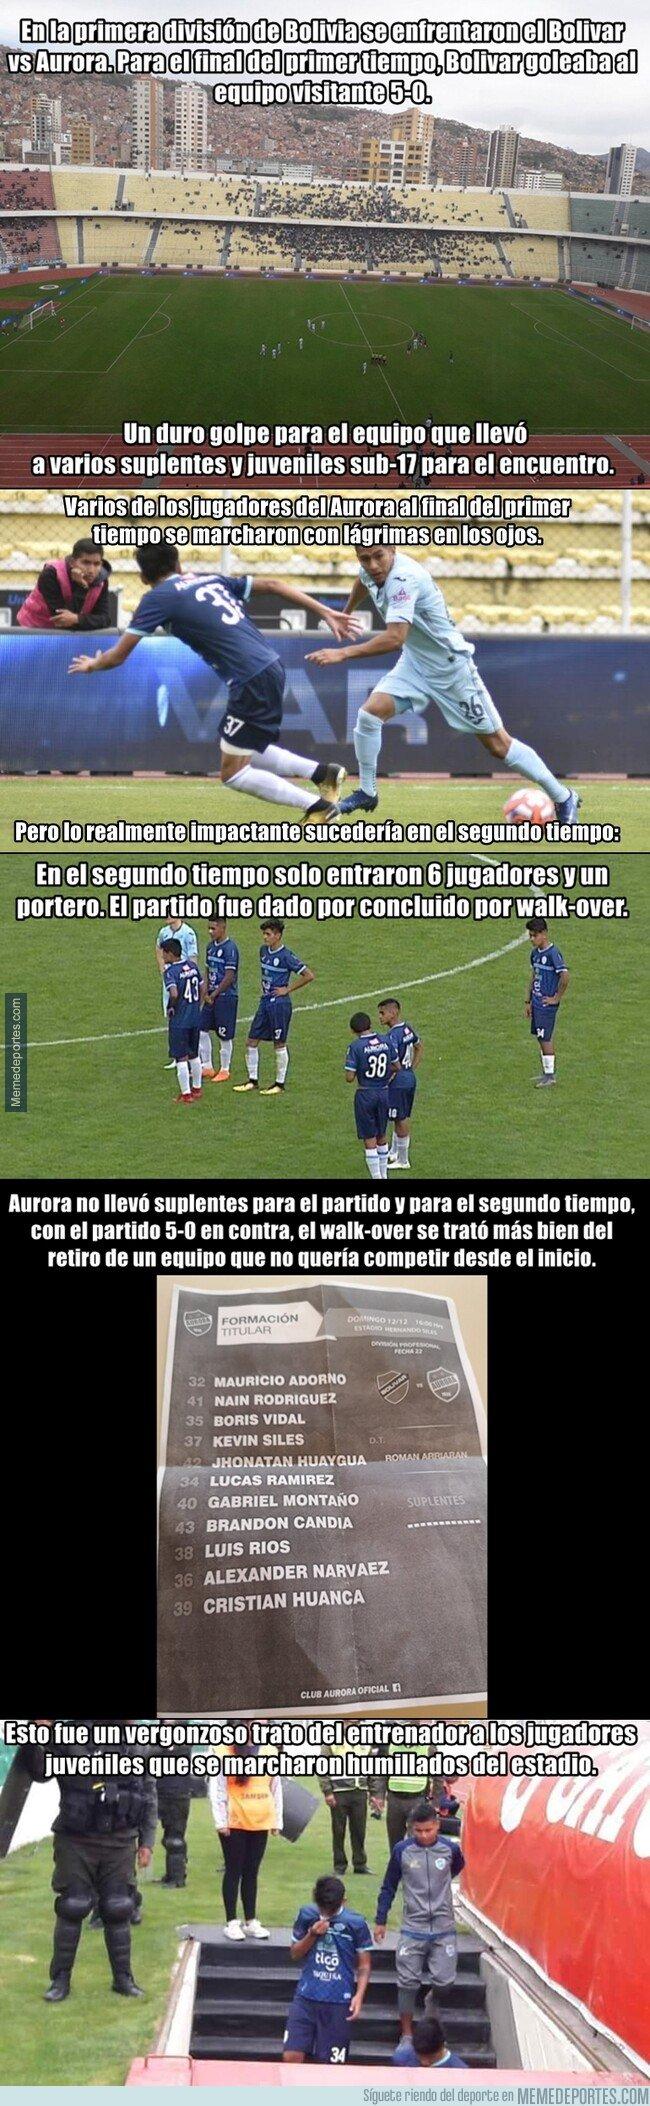 1093678 - El vergonzoso final de partido en Bolivia con un equipo que solo llevó a 6 jugadores